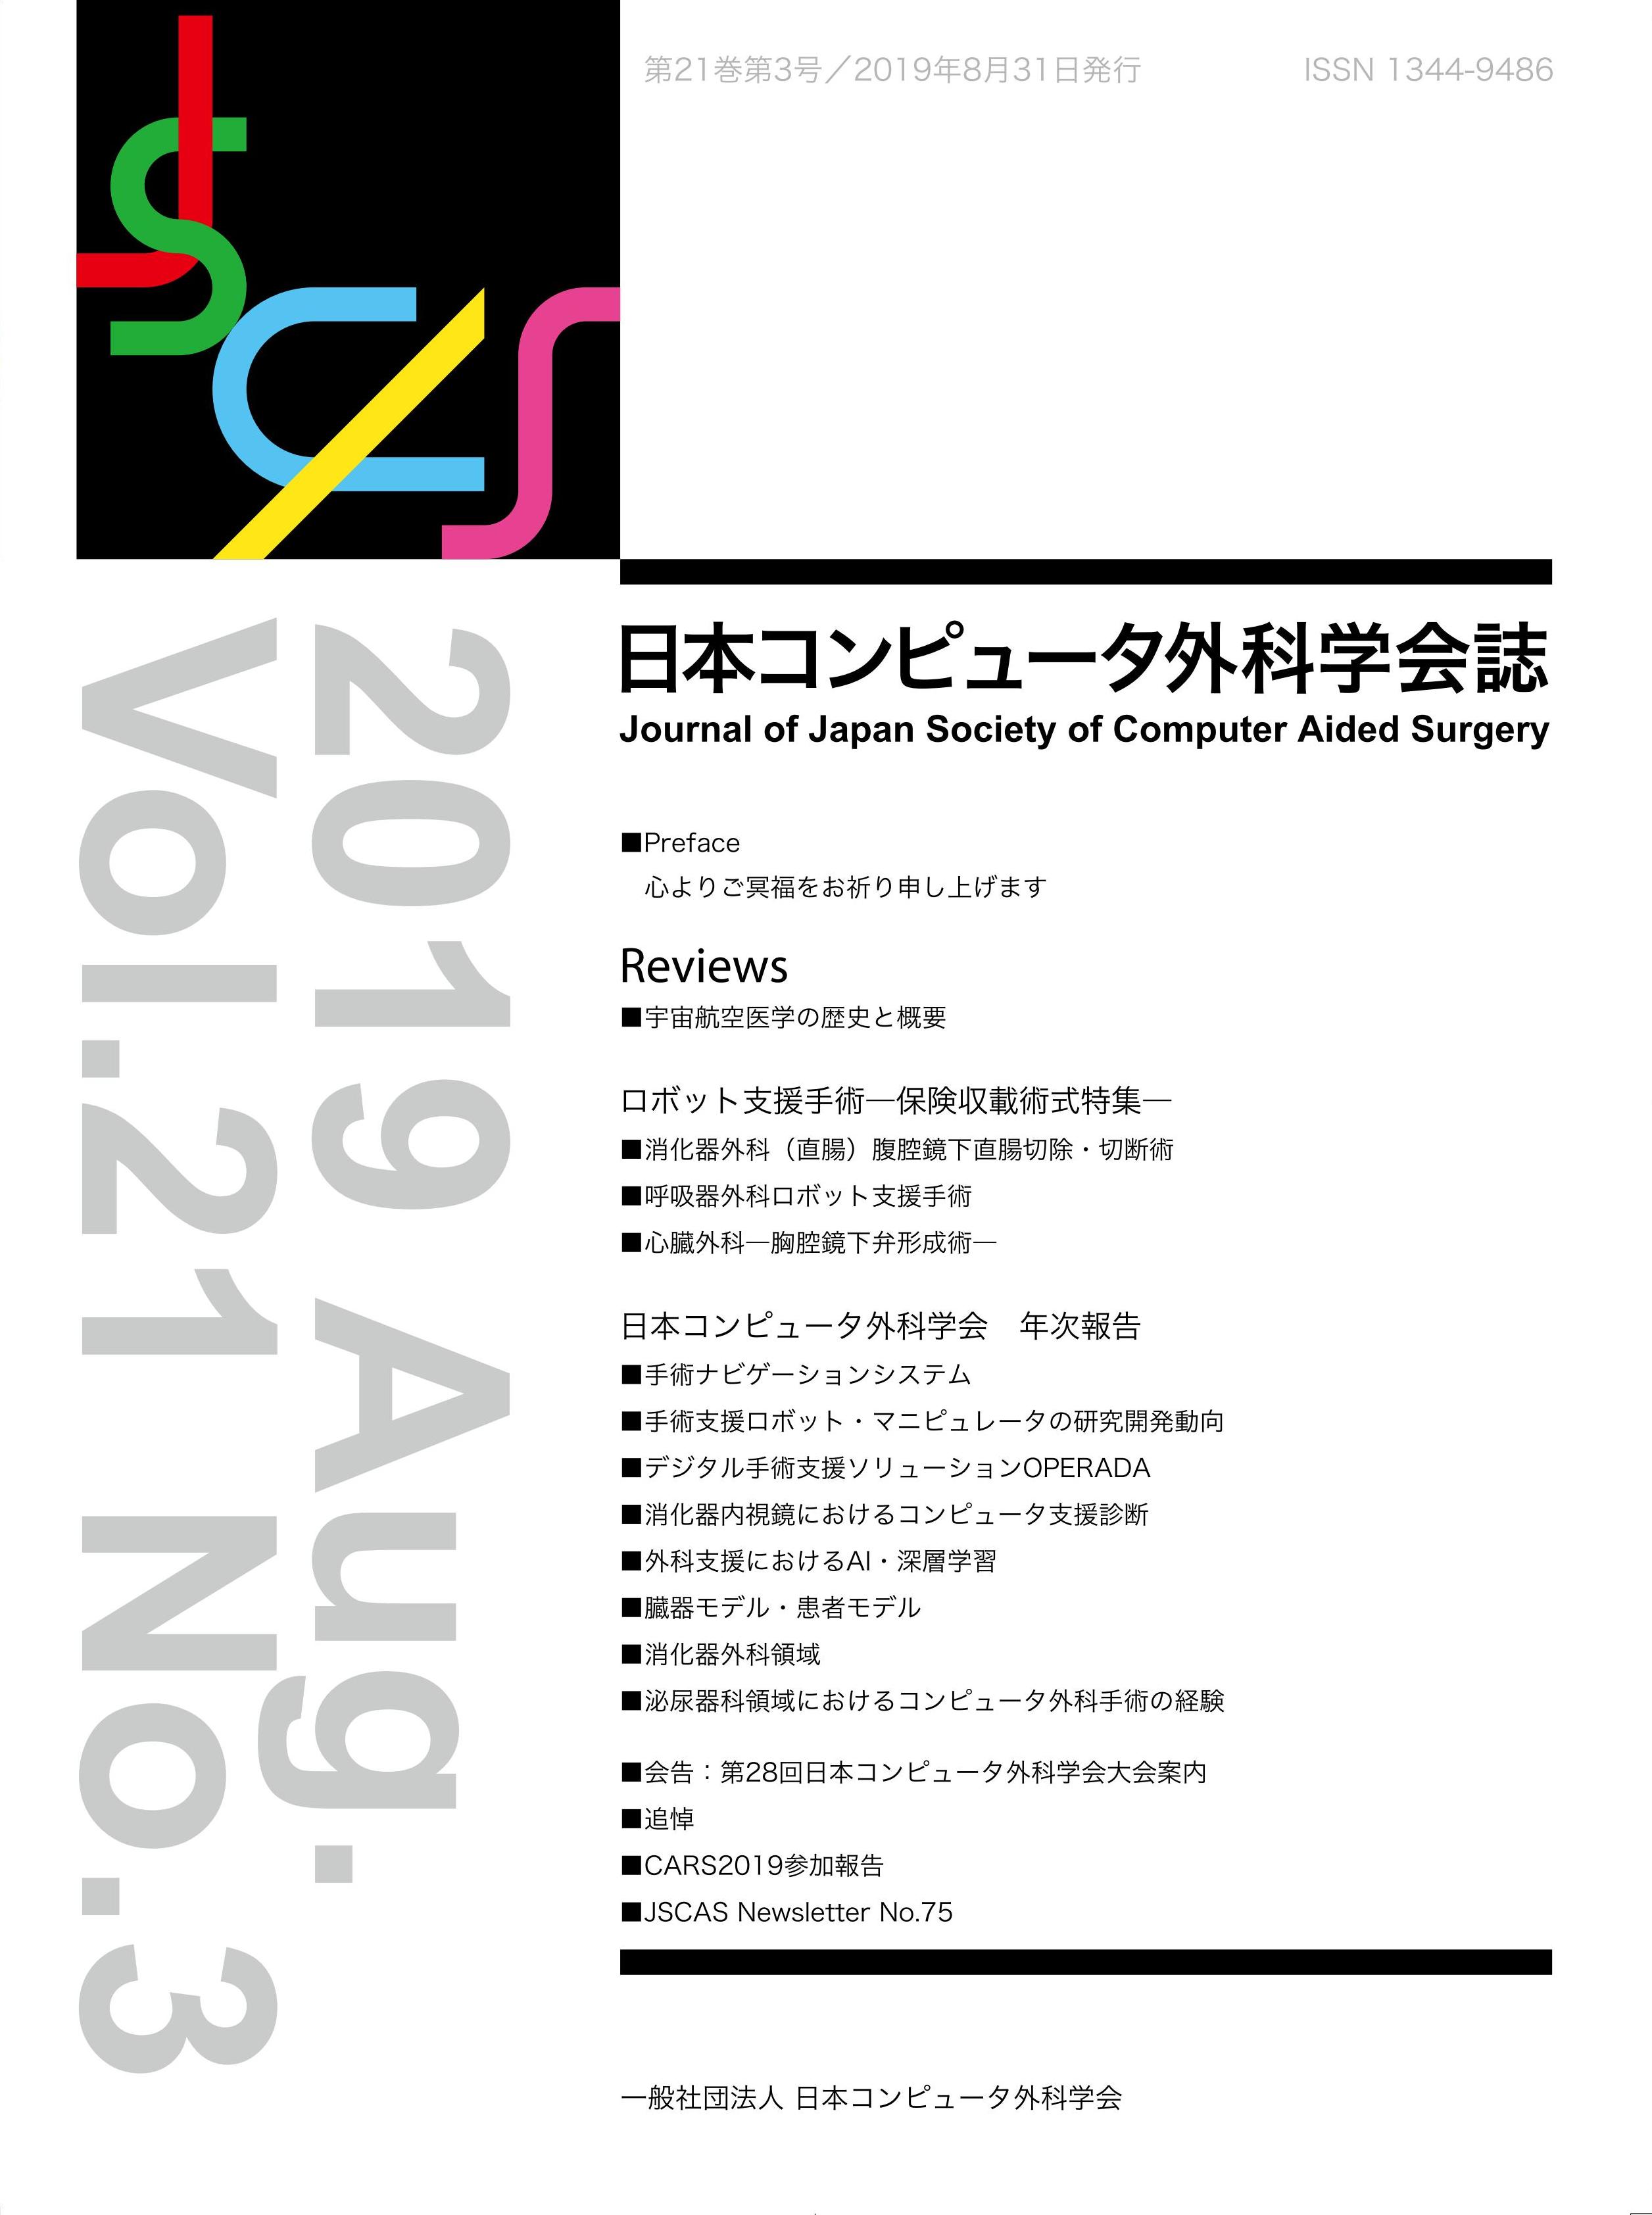 年次報告掲載号Vol.21 No.3